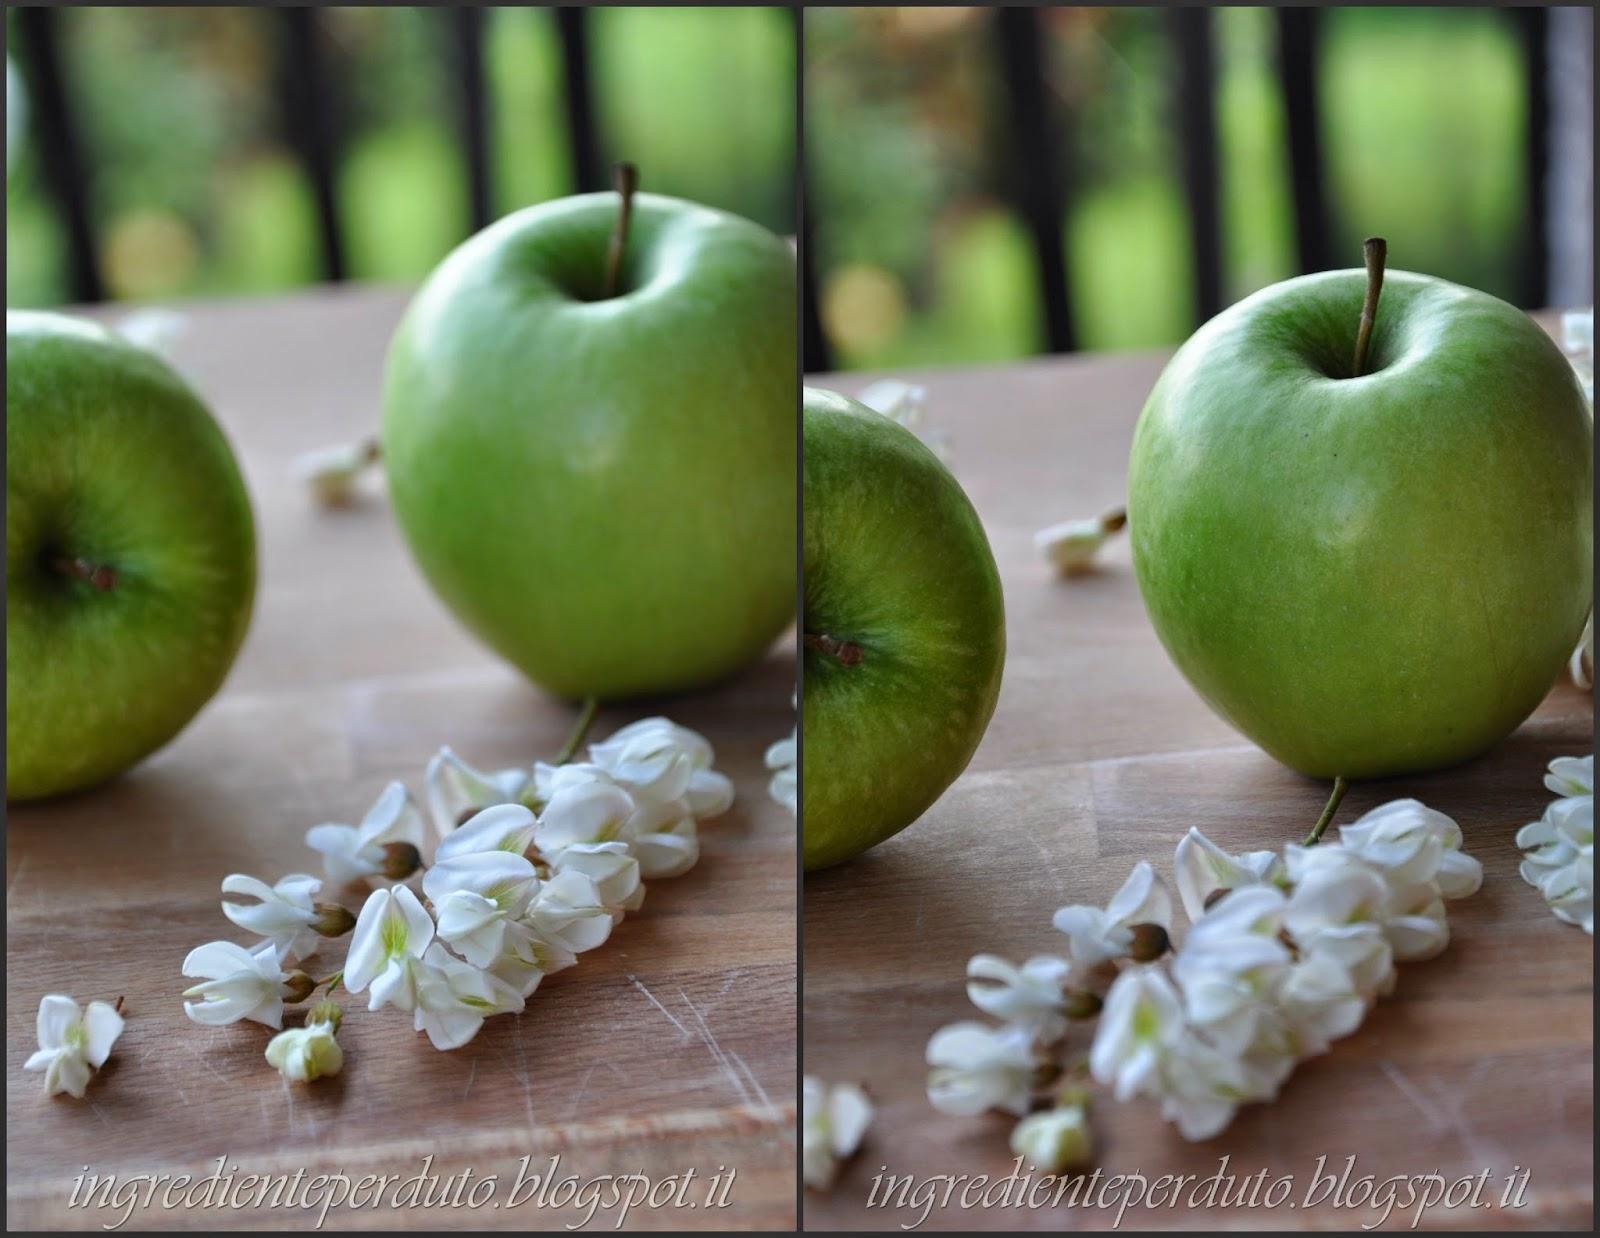 gelée mele e fiori d'acacia